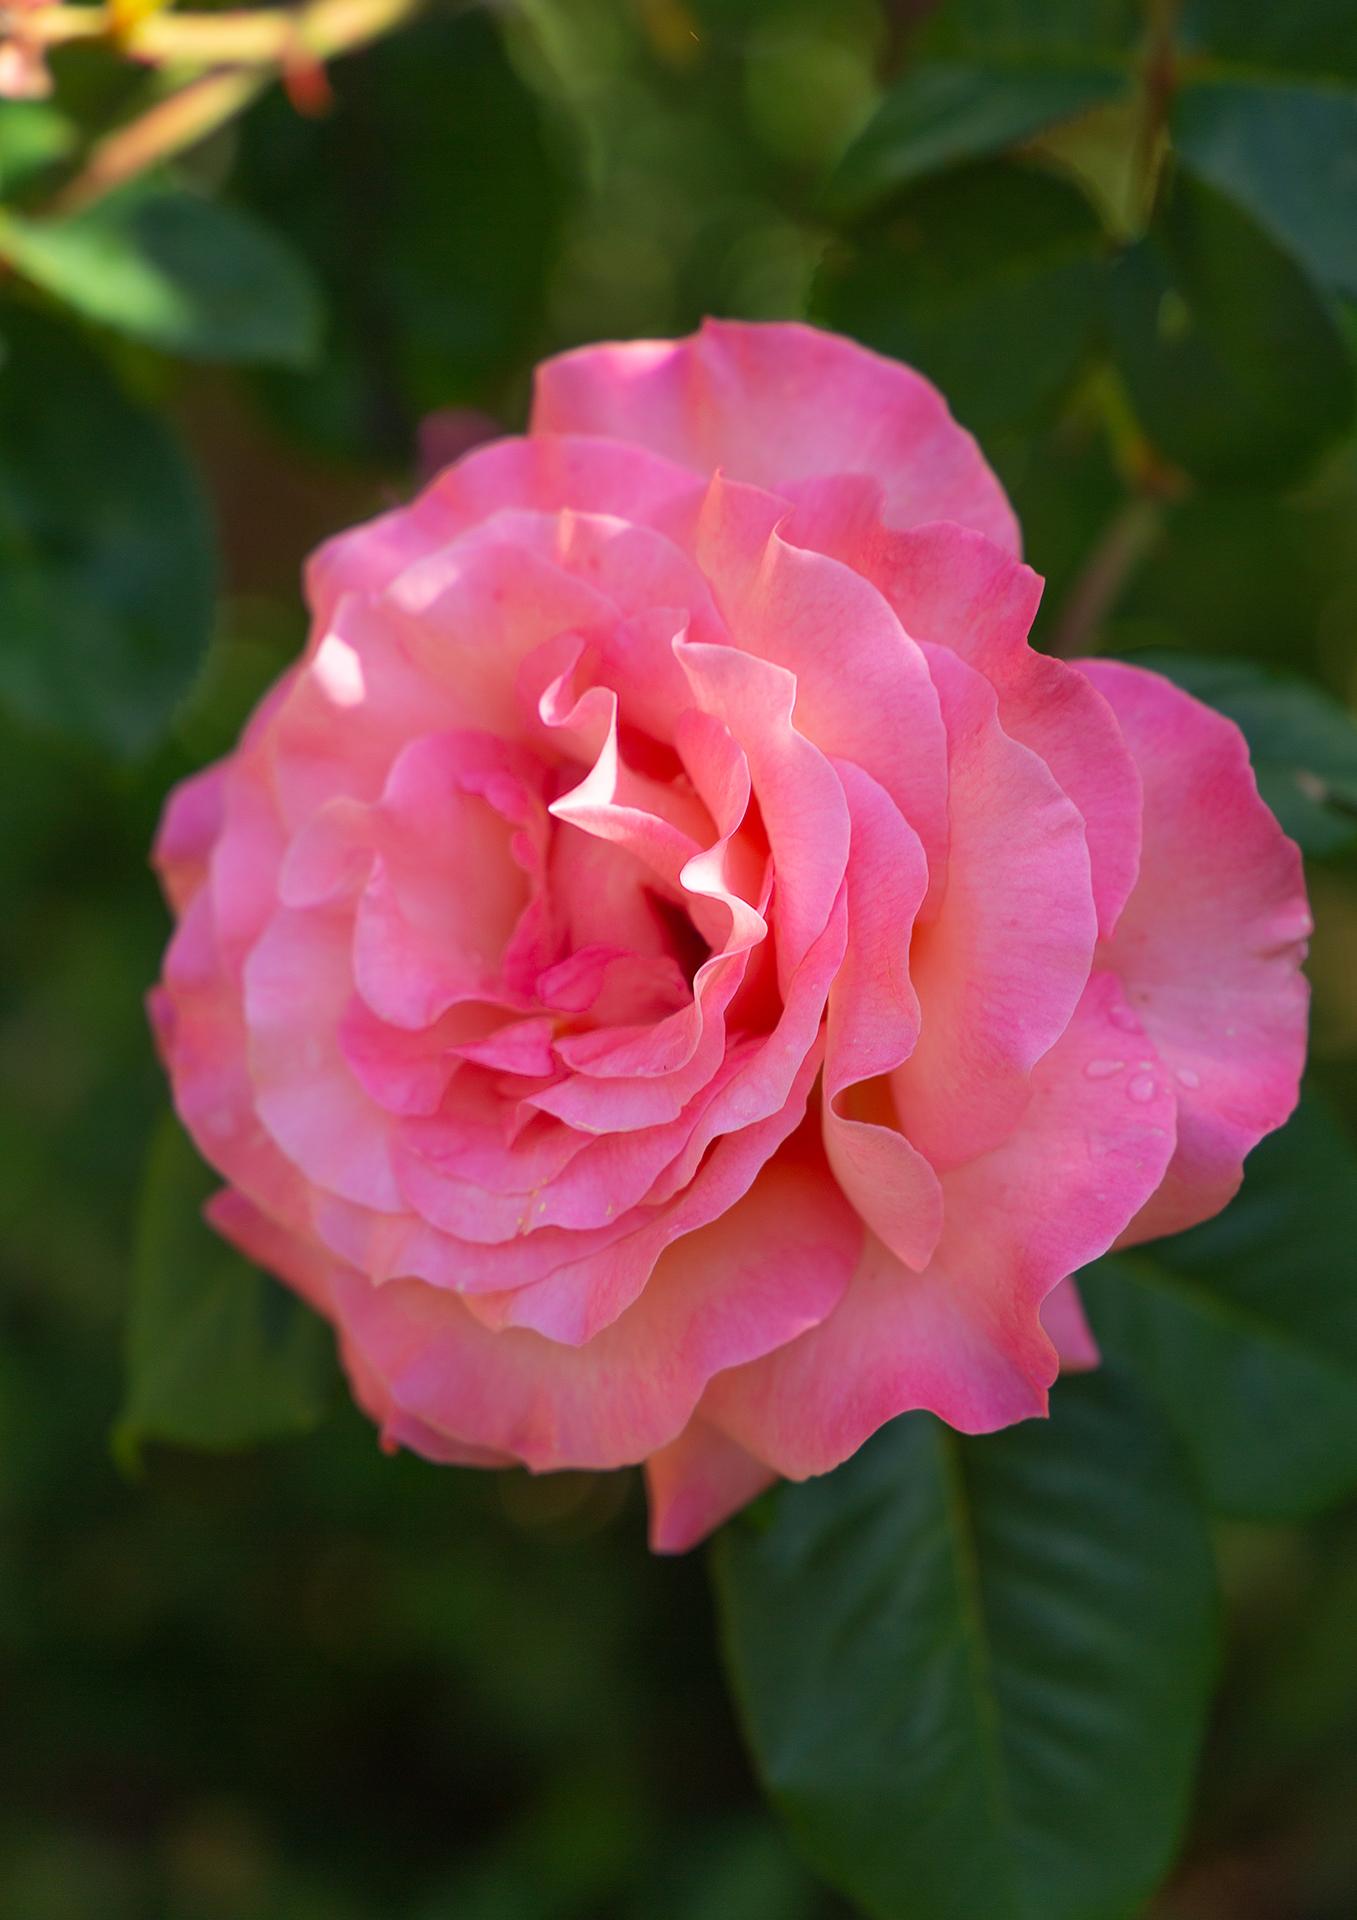 rose in bloom (1 of 1)